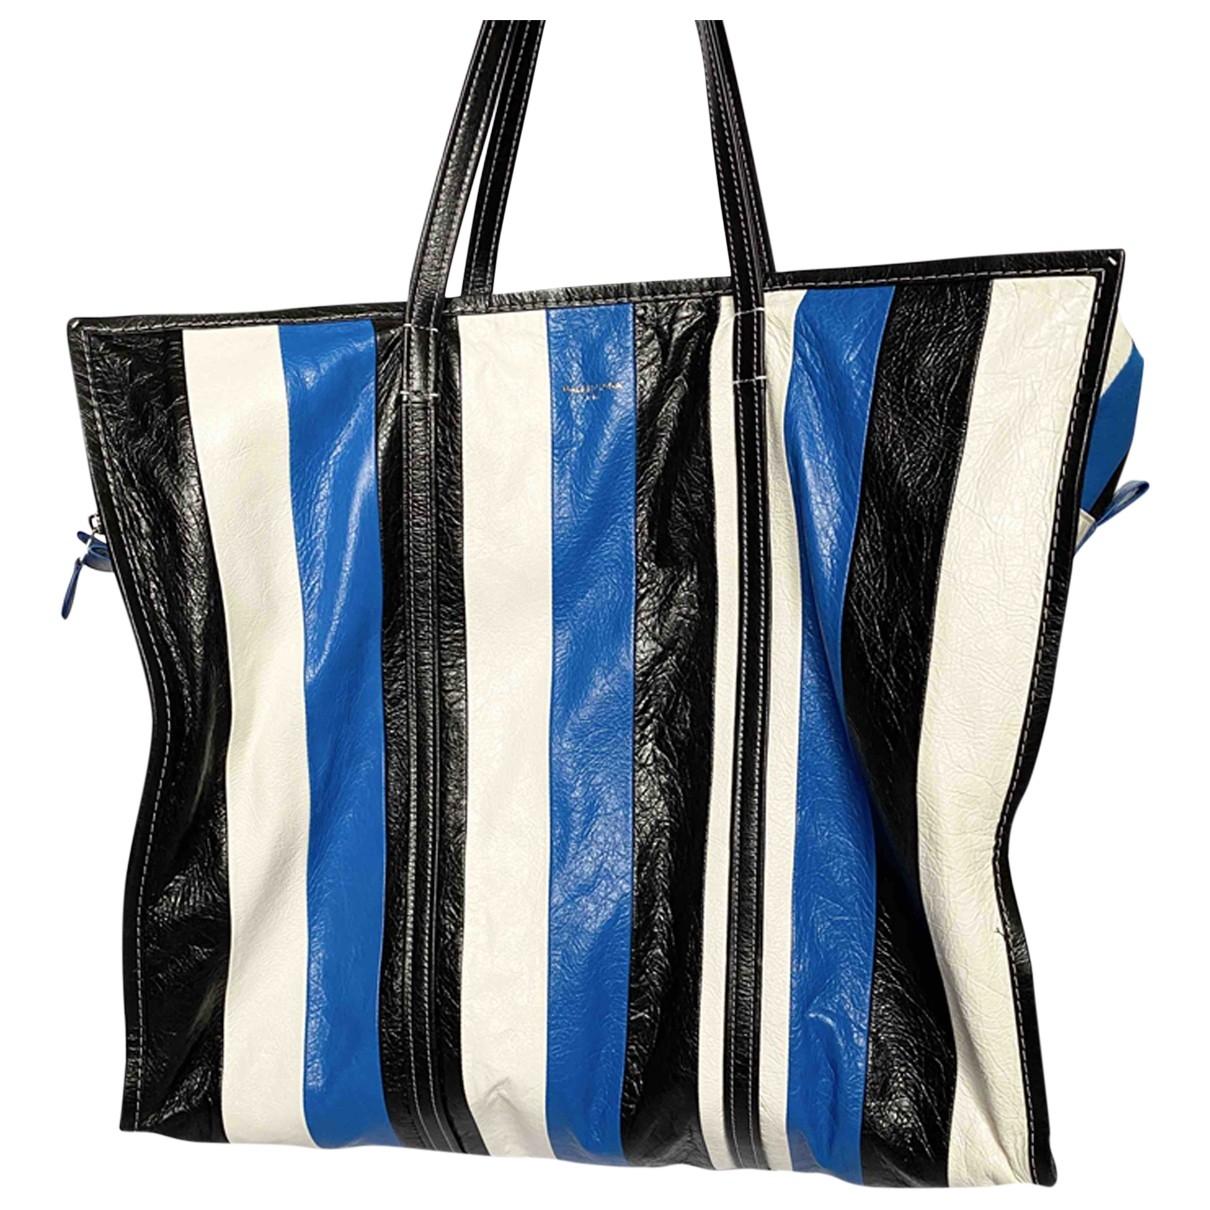 Balenciaga - Sac de voyage Bazar Bag pour femme en cuir - multicolore